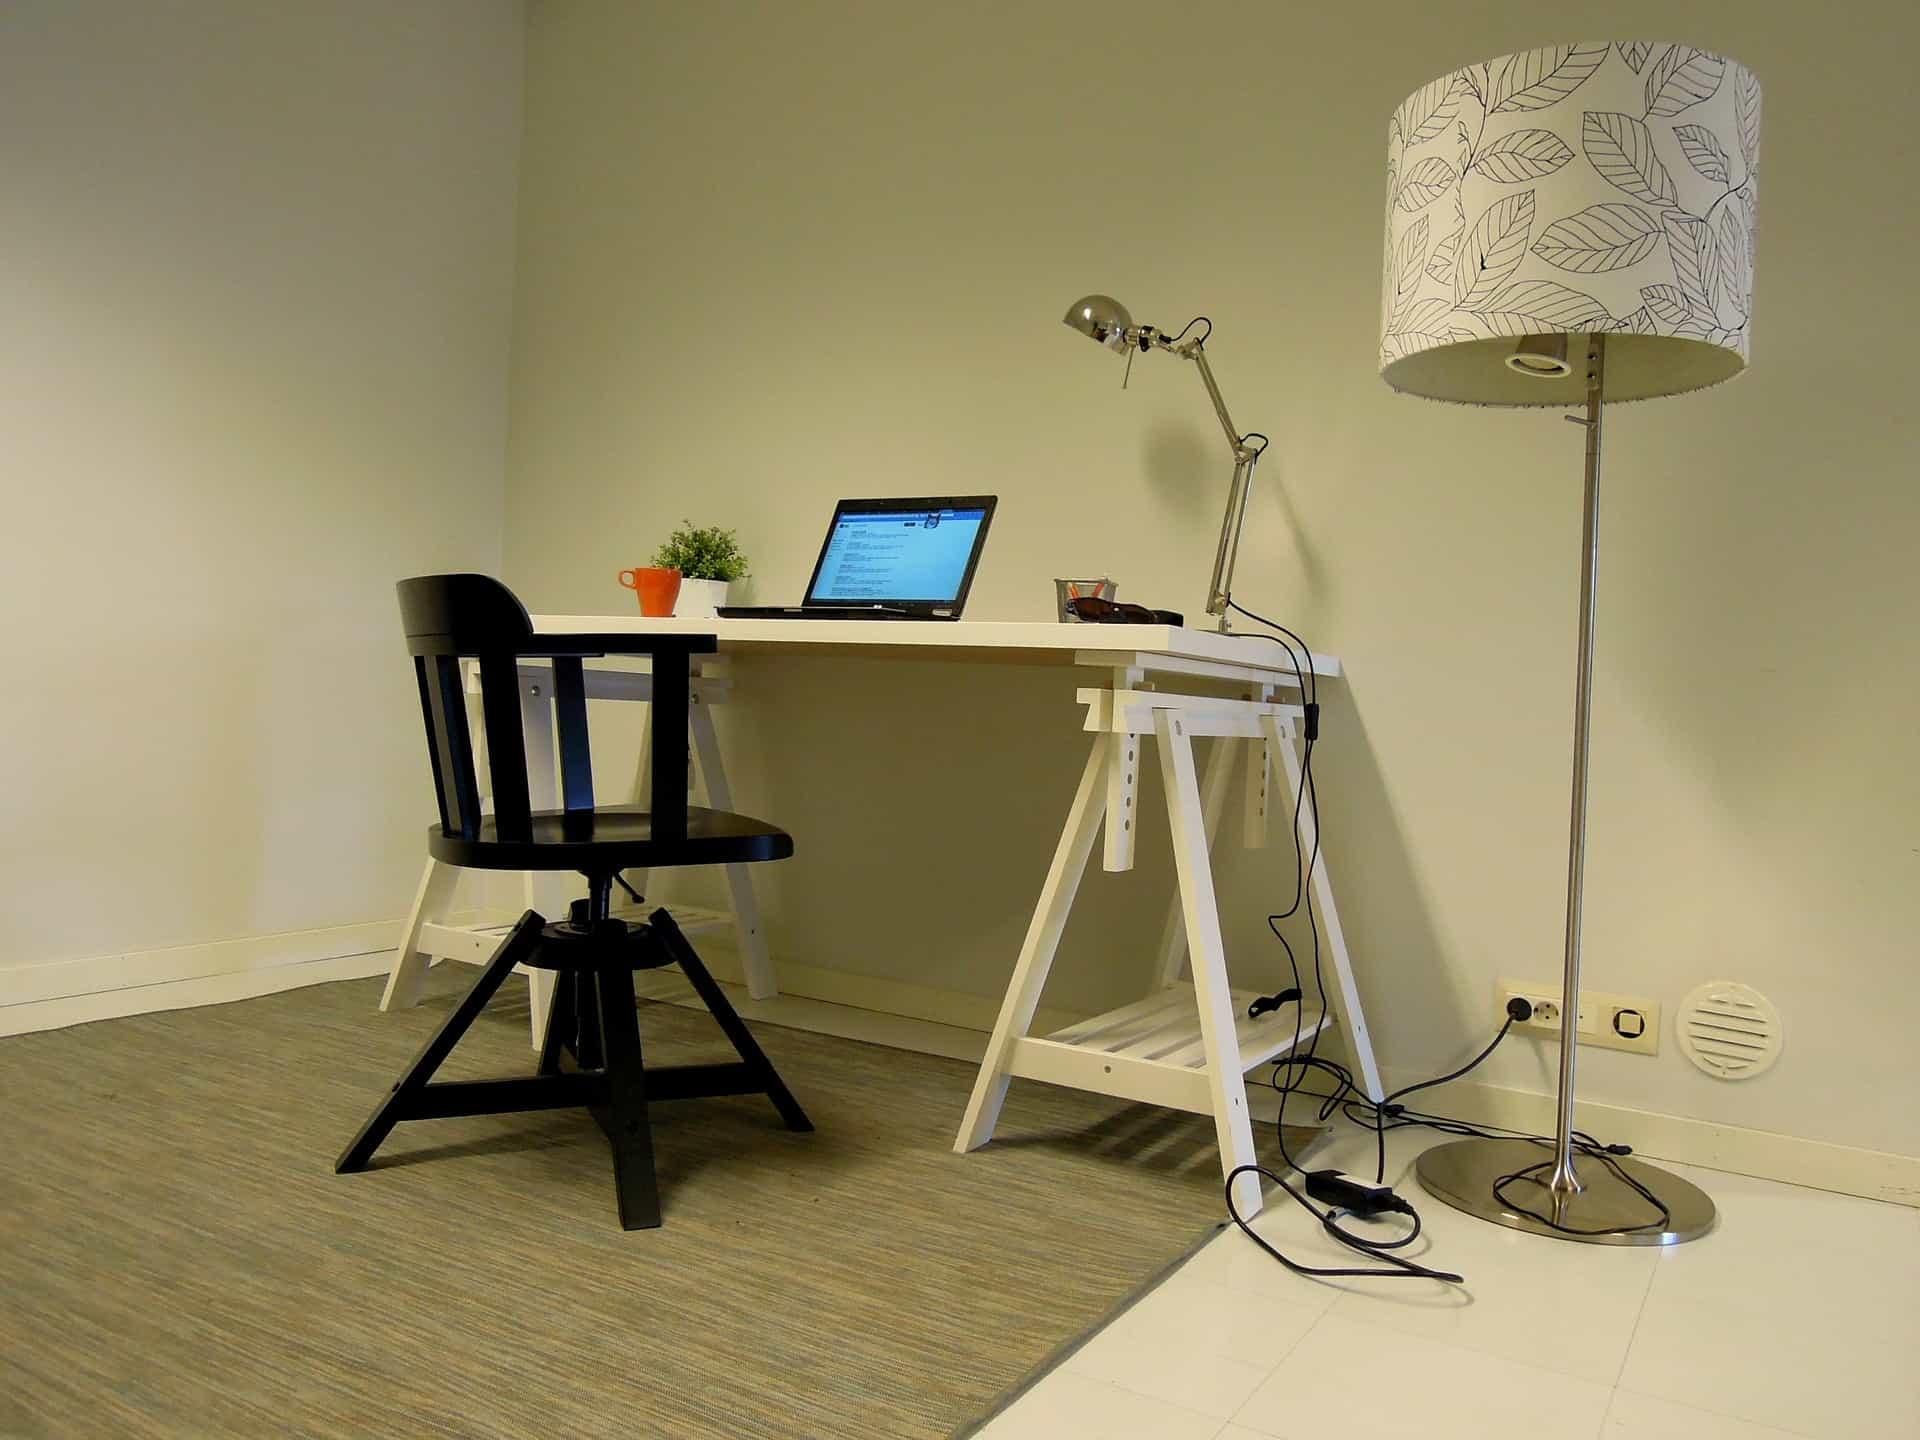 Mesa com com notebook em cima, cadeira vazia.